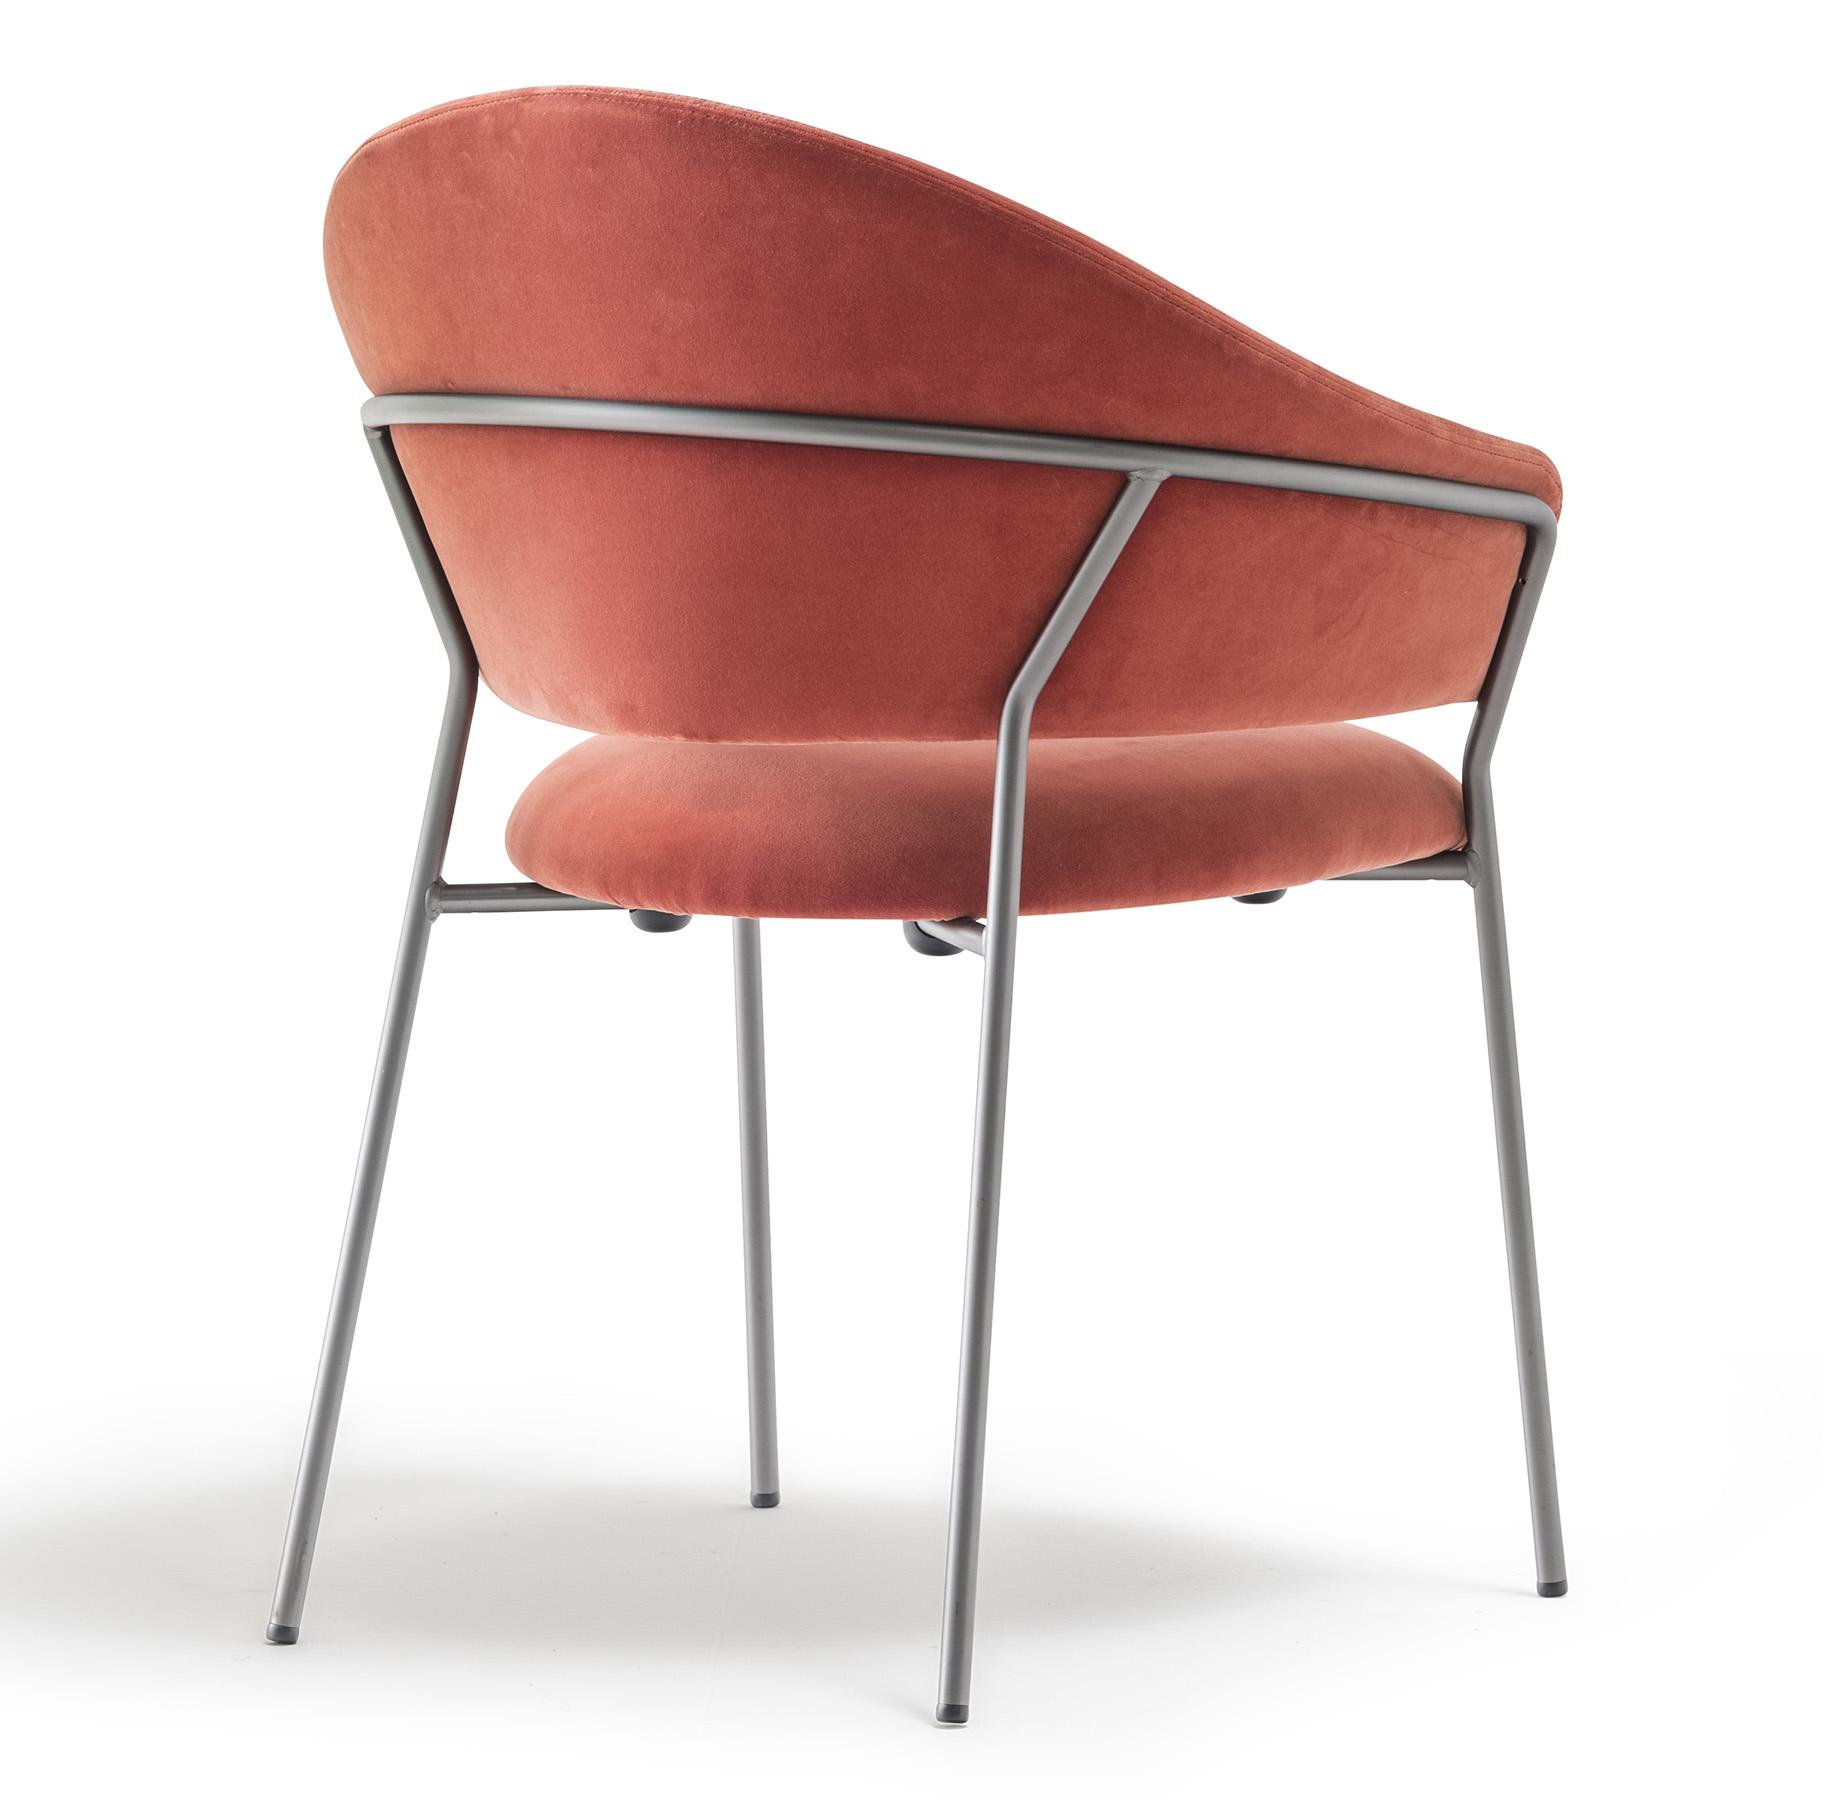 Nowoczesny fotel restauracyjny JAZZ 3716 Pedrali